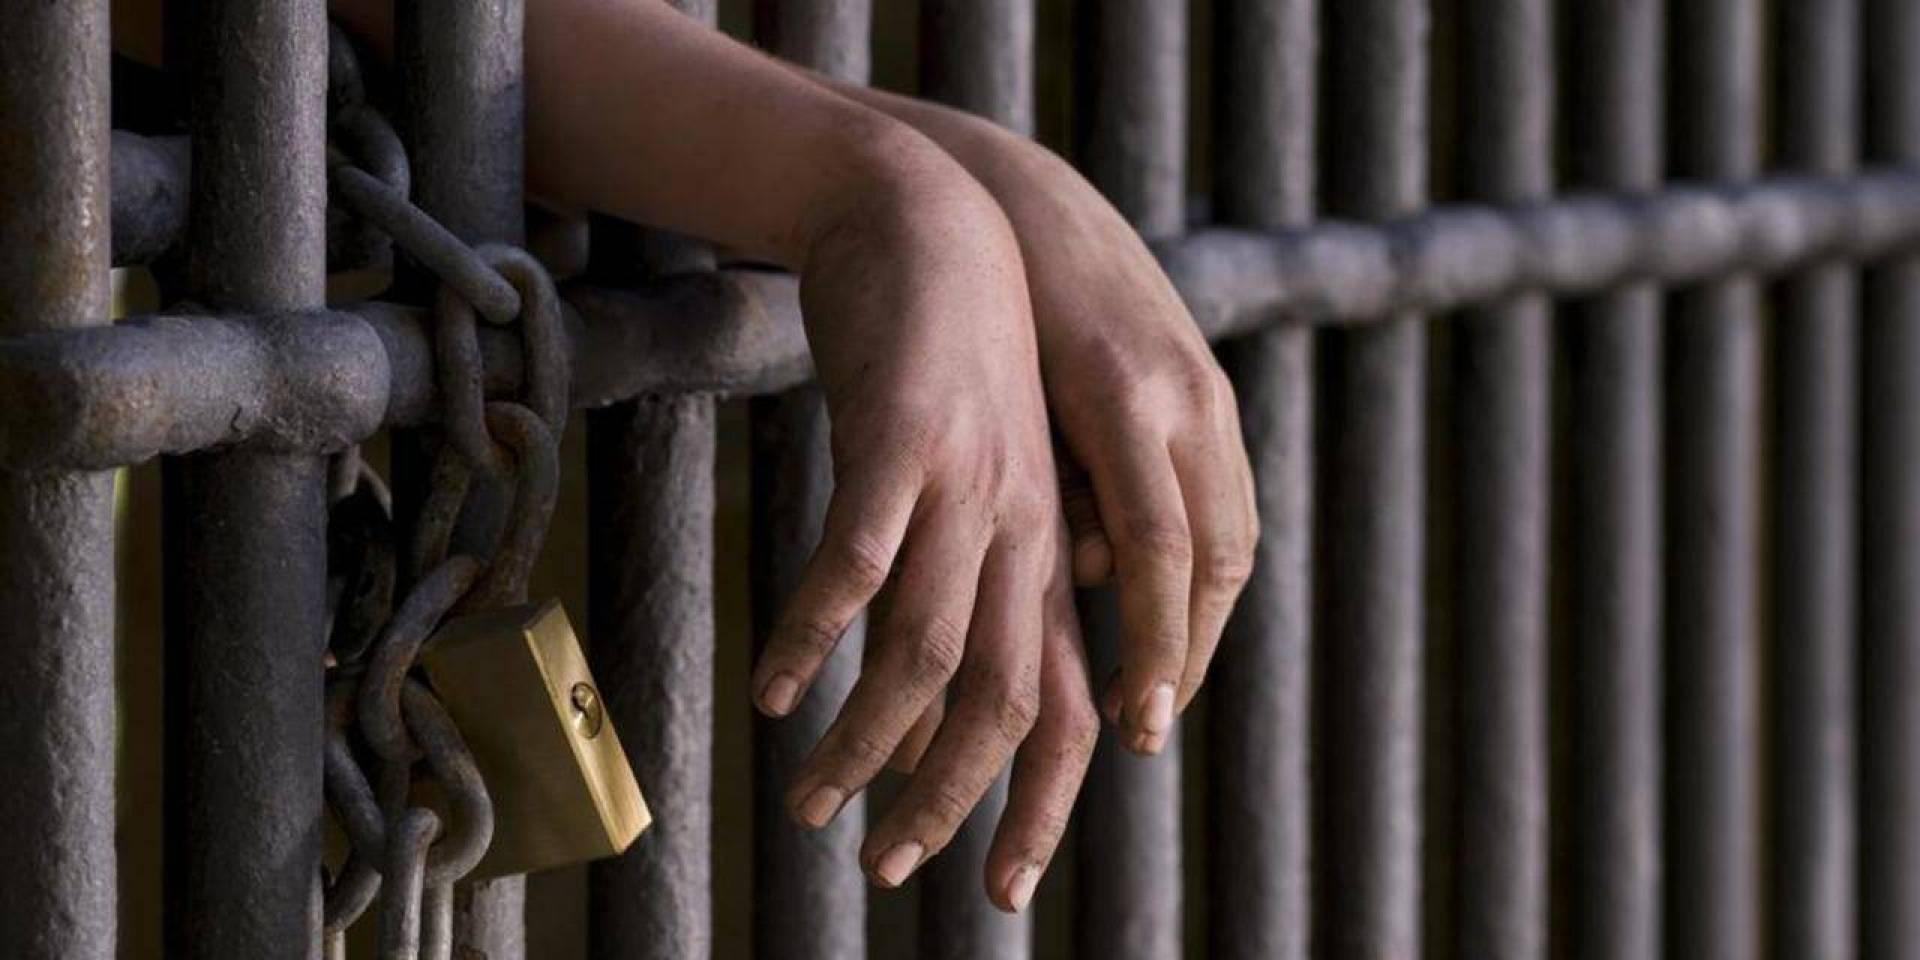 الحكم بالسجن سبع سنوات بحق مسؤول عراقي